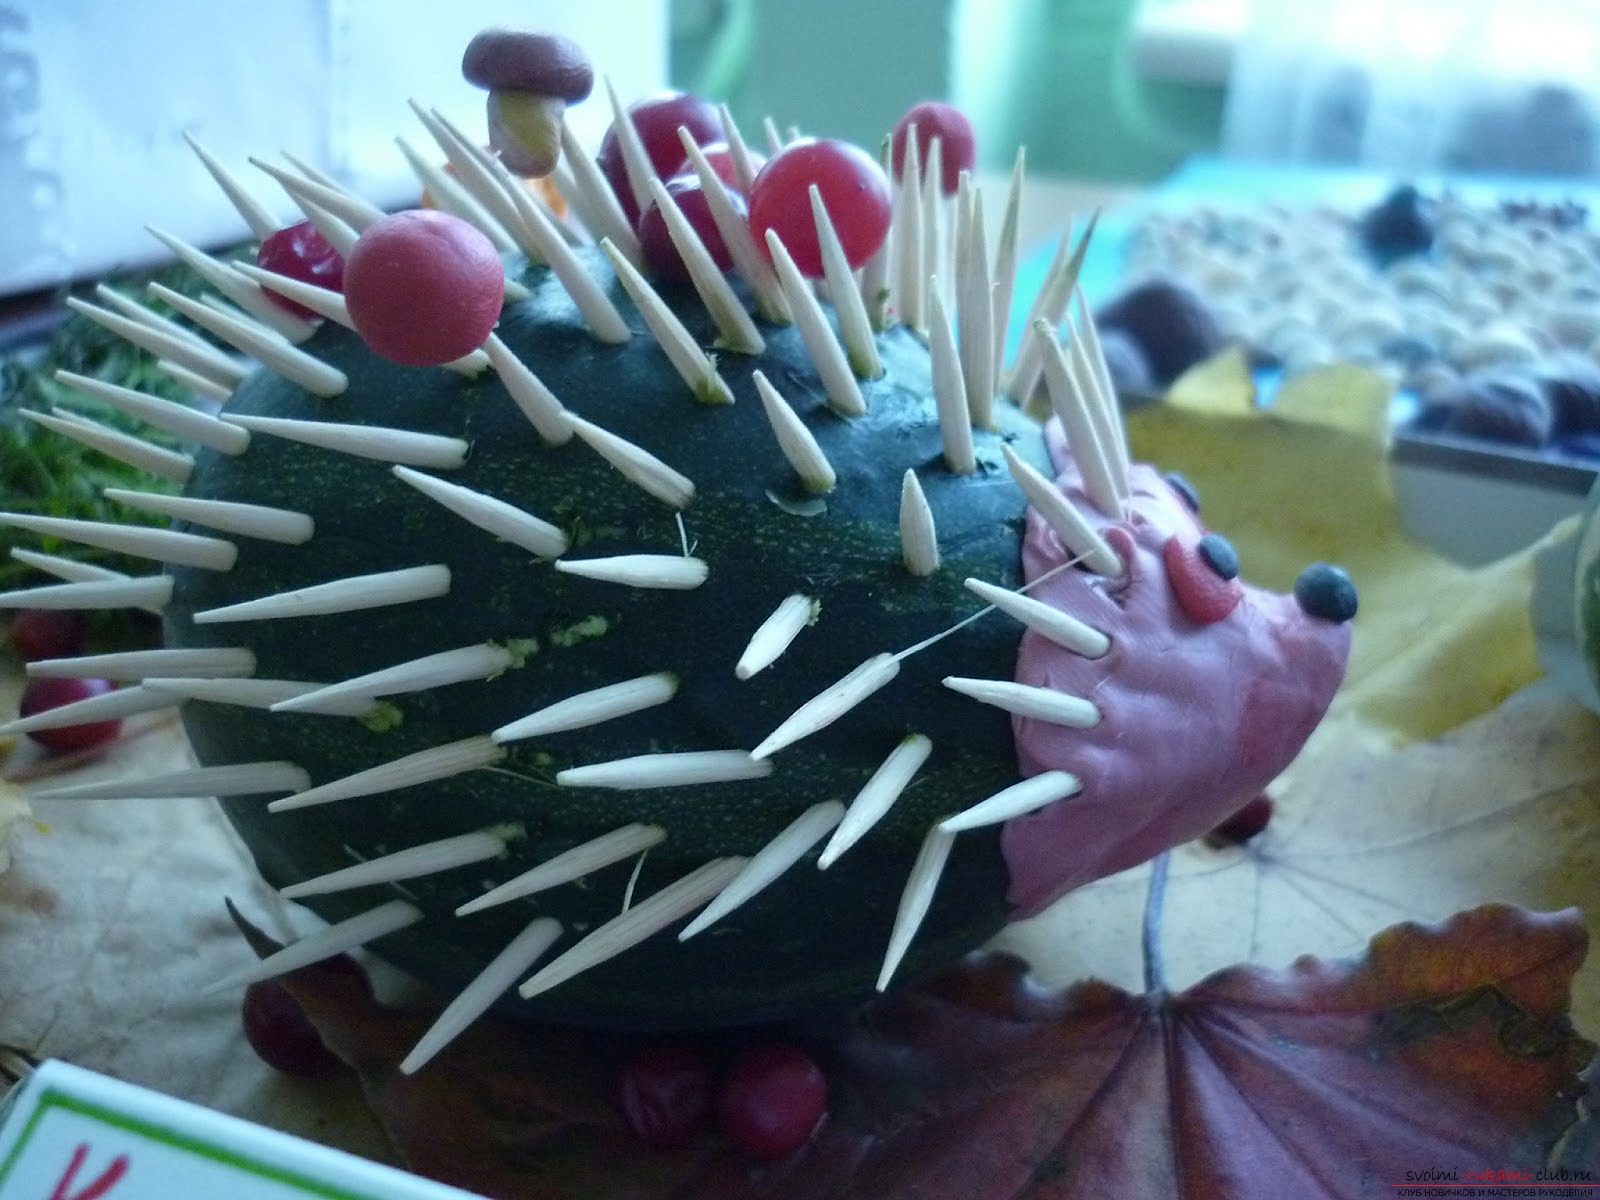 Поделка-подарок на день учителя. Фото и советы для создания поделки.. Фото №3